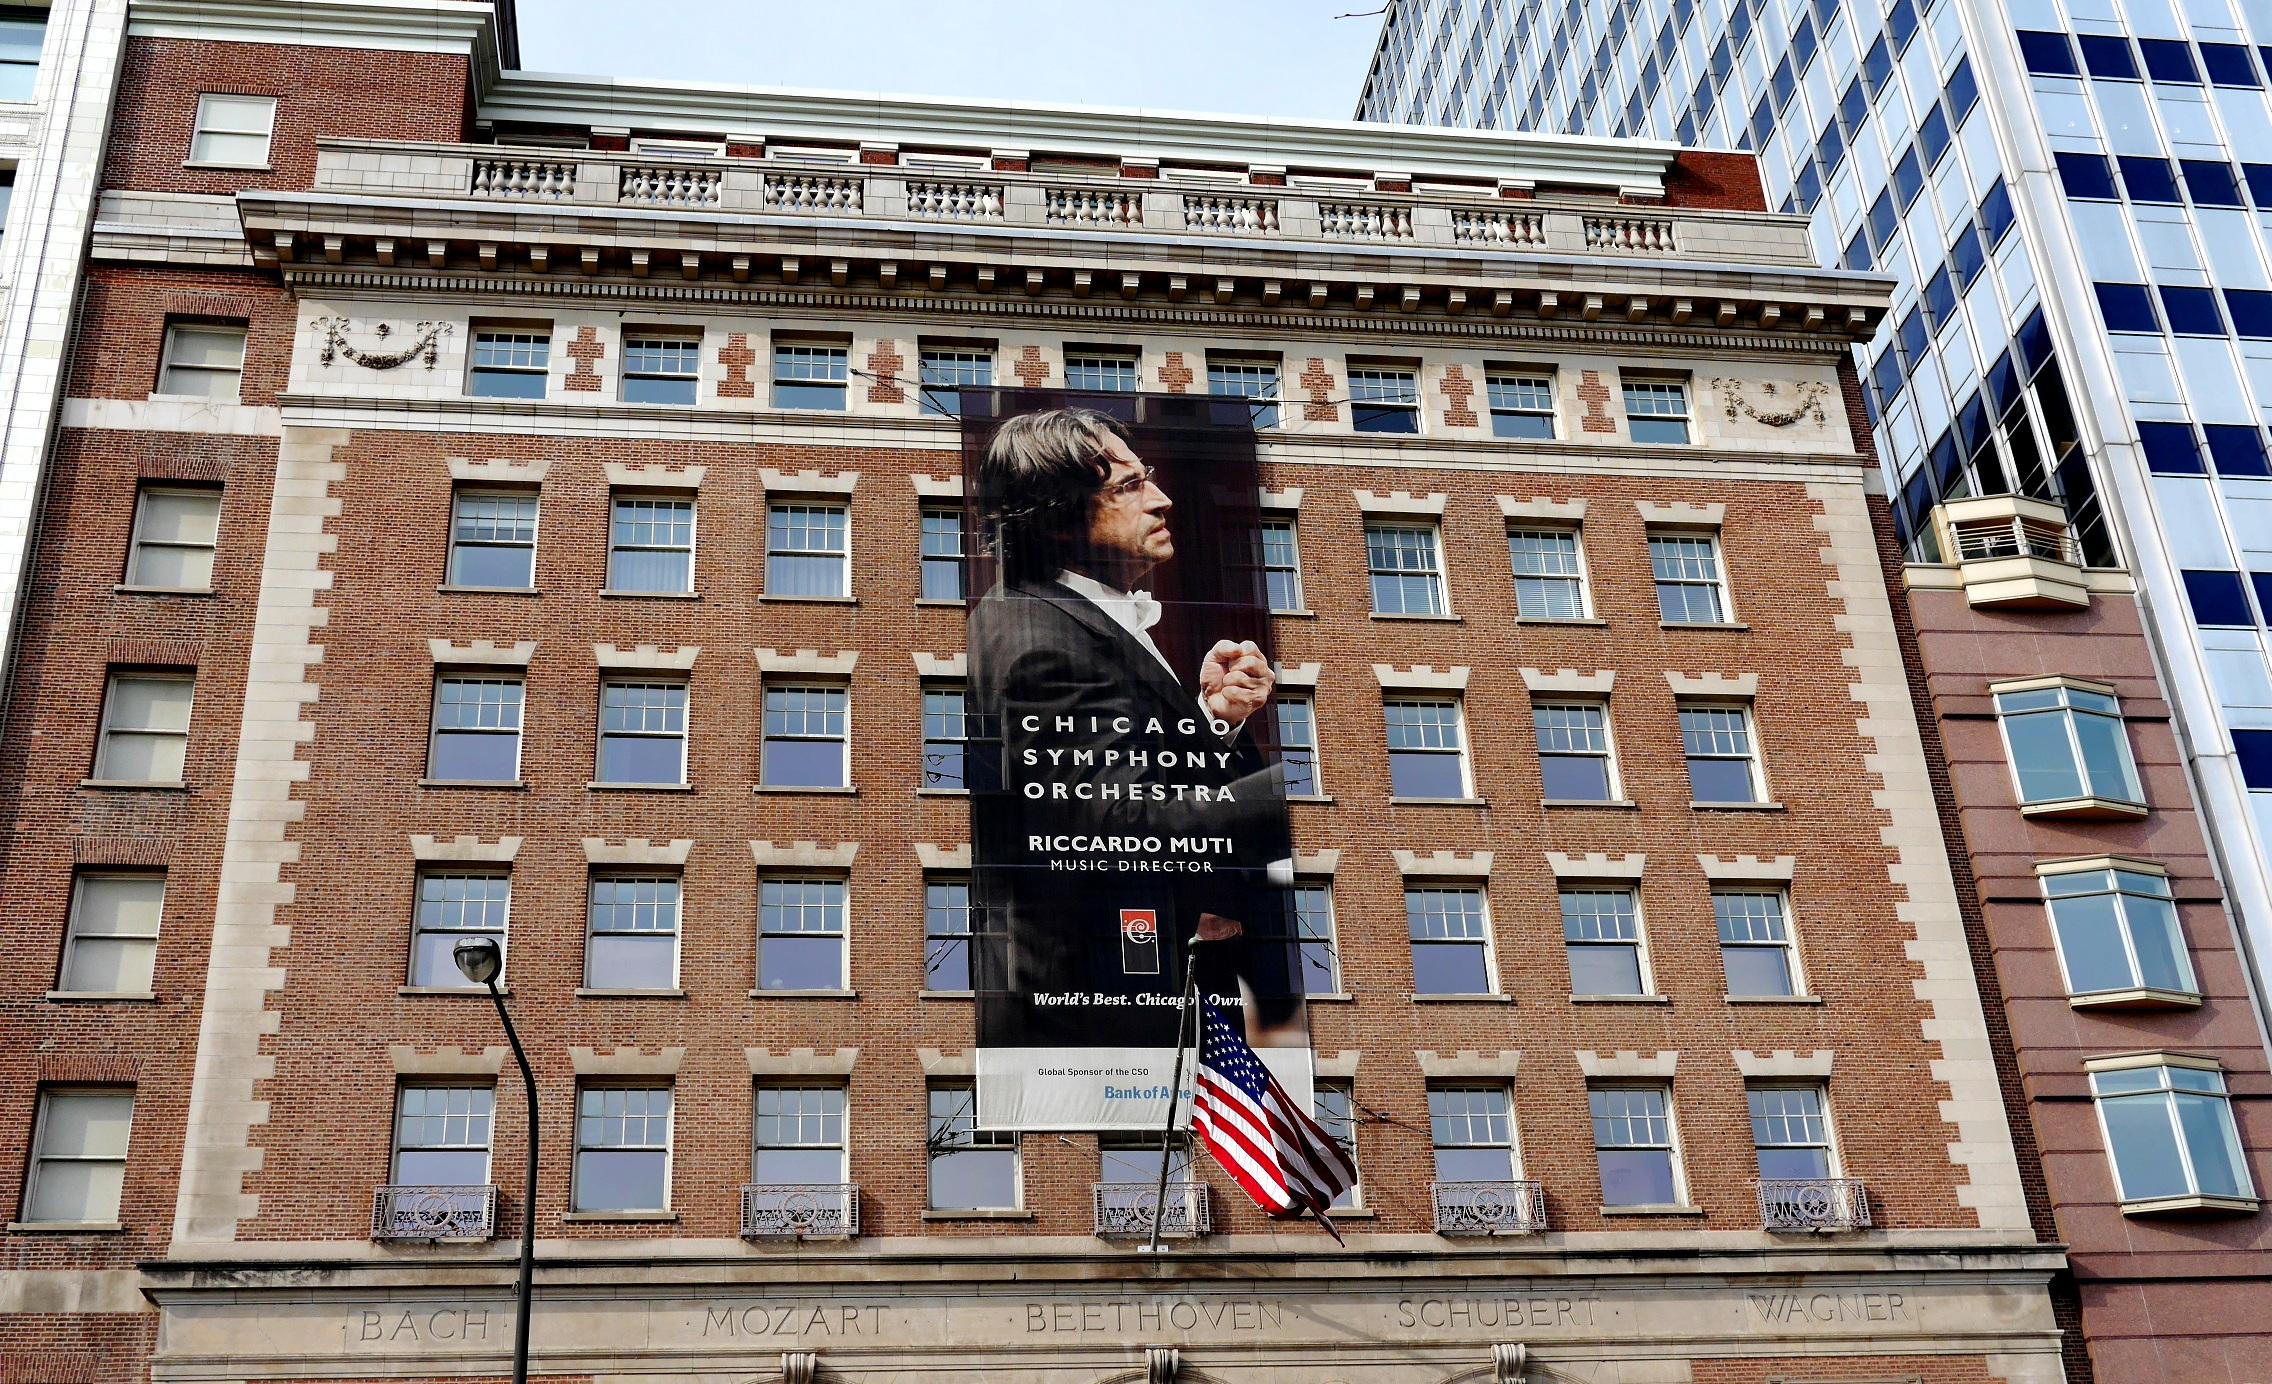 シカゴ(Chicago)のコンサートホールとその音響のユニークな歴史 / シカゴ交響楽団の本拠地、数々の優秀録音を生んだシンフォニーセンター内のオーケストラホール